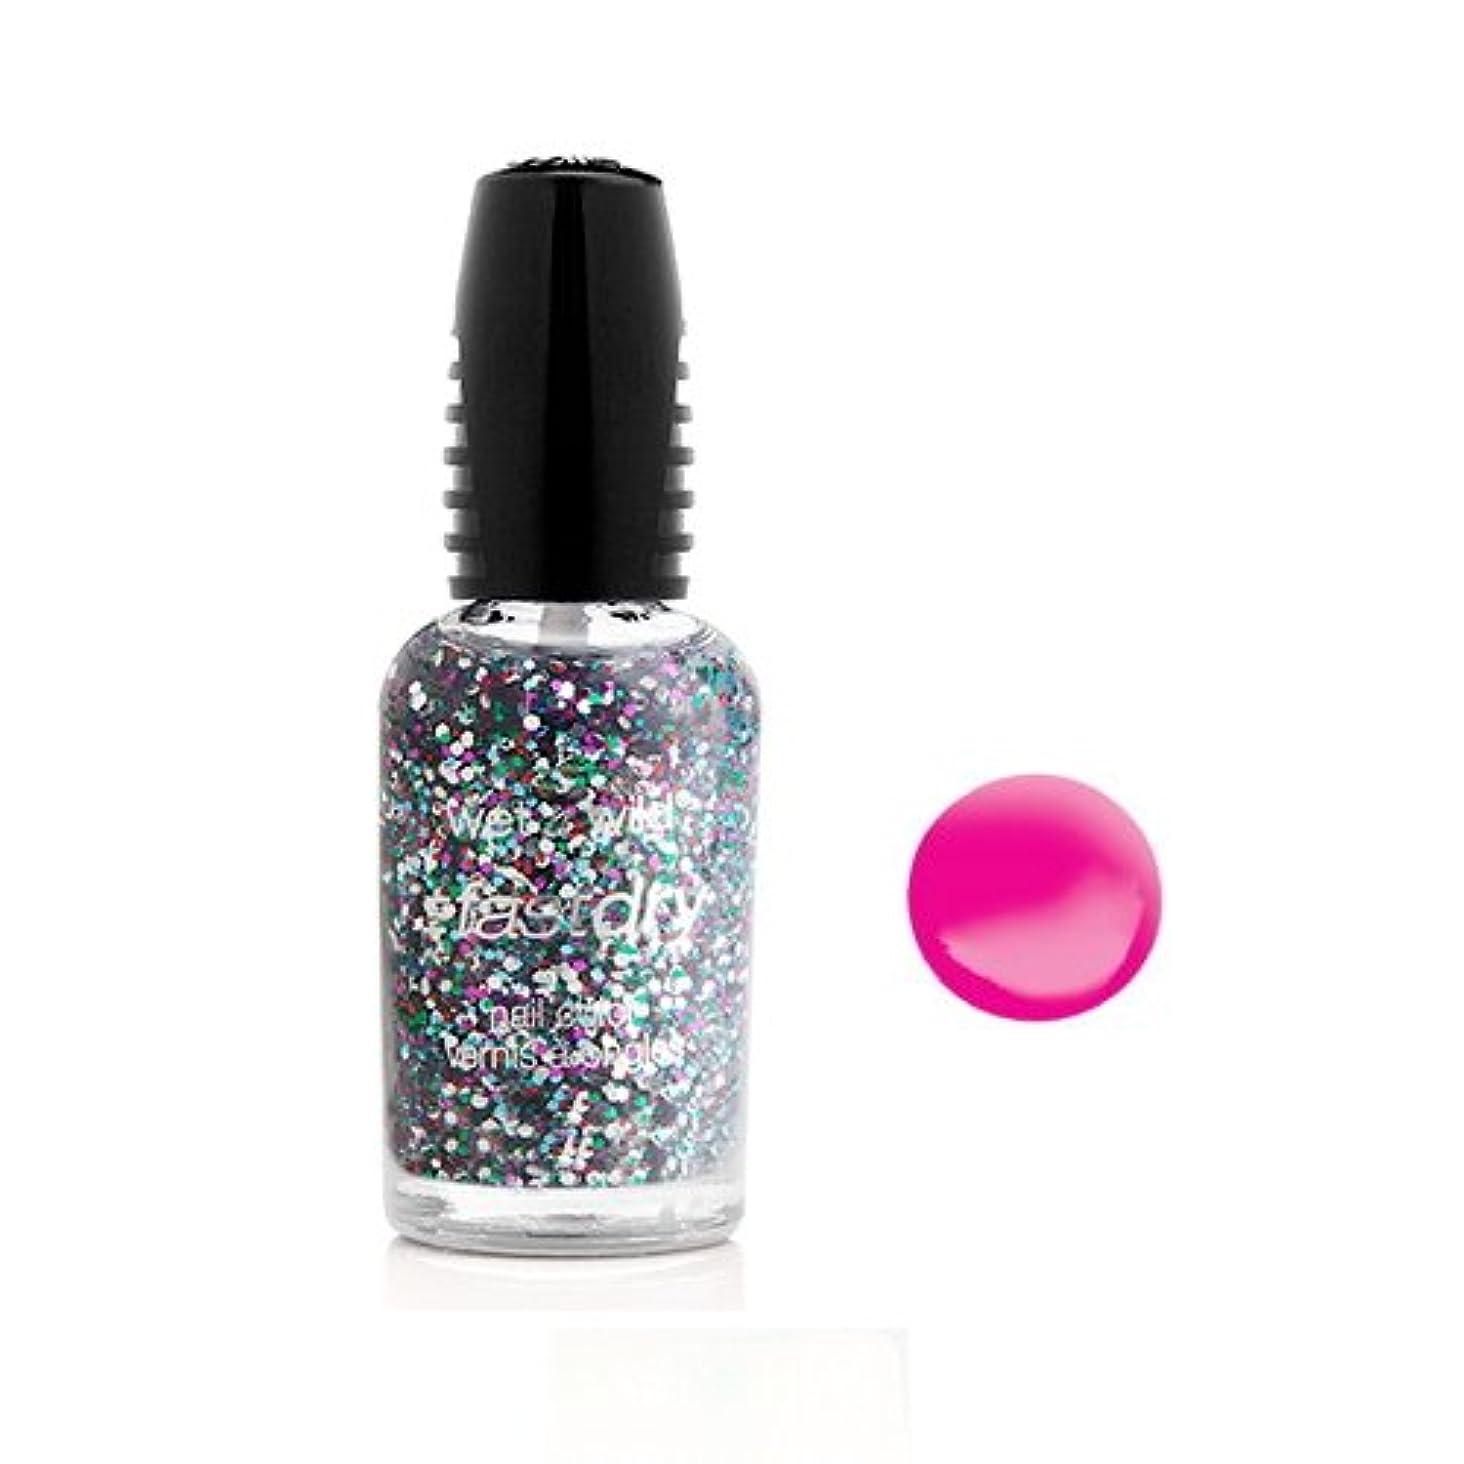 軽減期限切れ効果的に(3 Pack) WET N WILD Fastdry Nail Color - How I Met Your Magenta (DC) (並行輸入品)